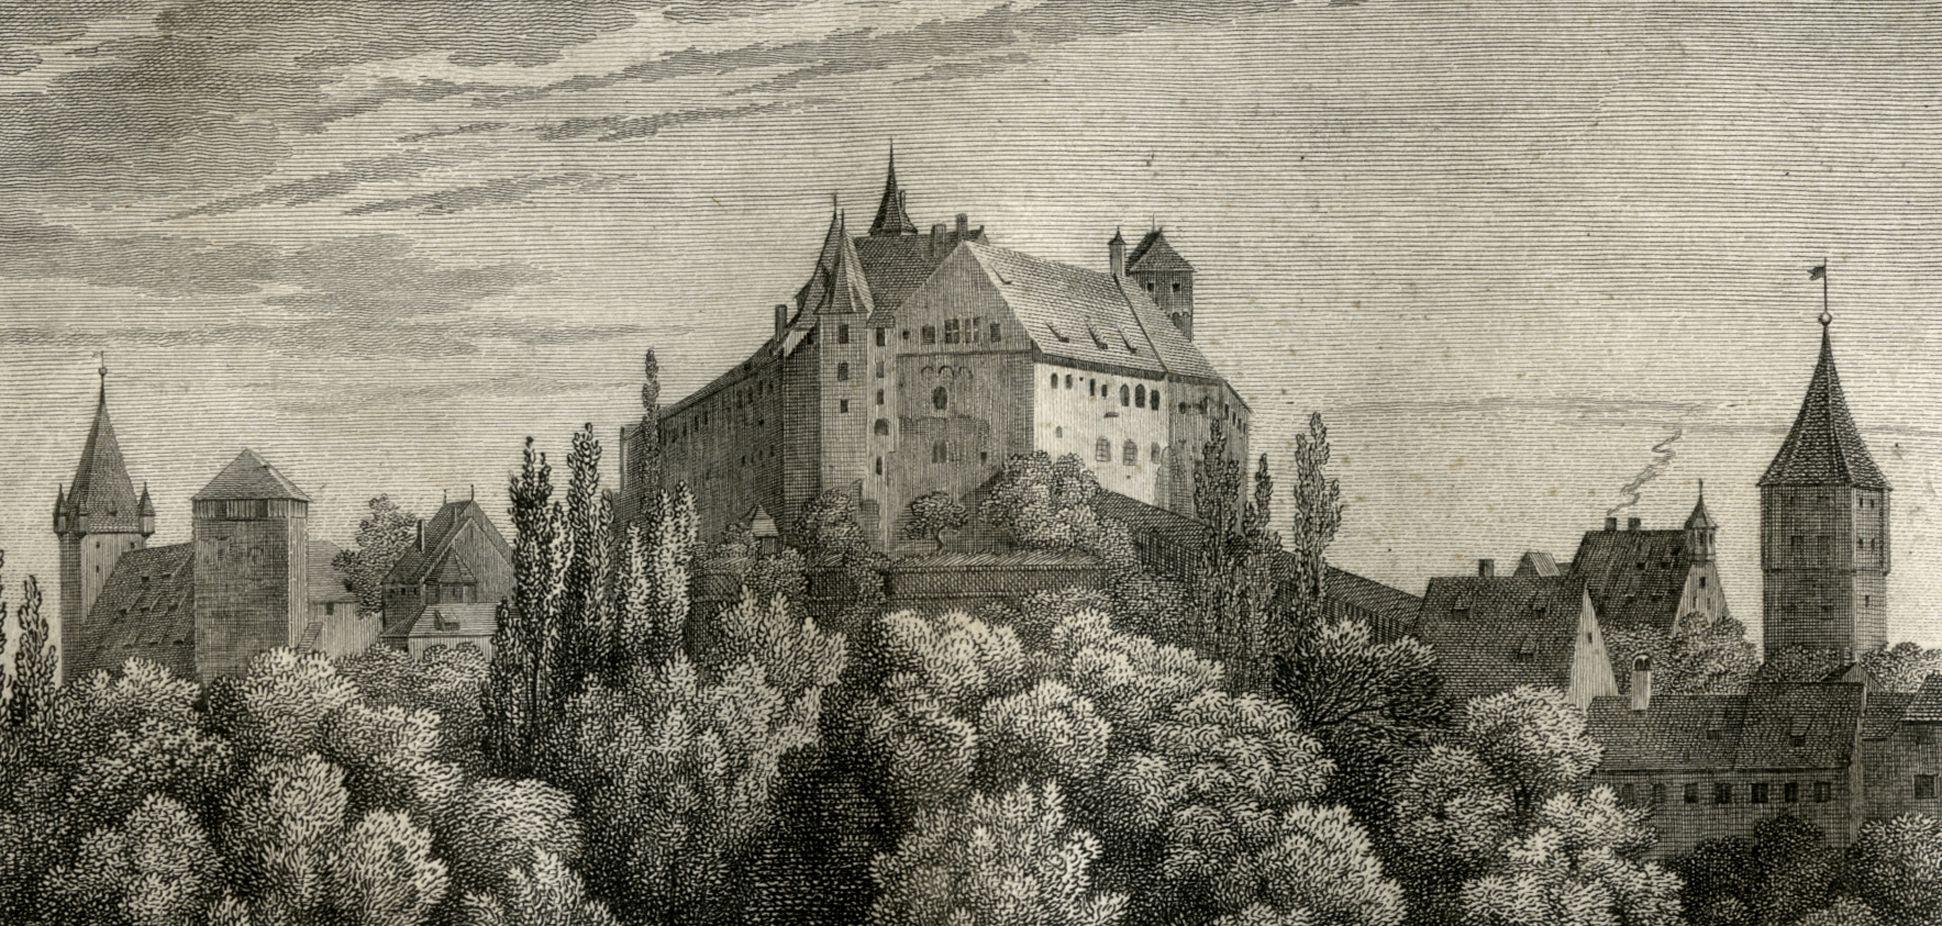 Ansicht der Burg zu Nürnberg obere Bildhälfte